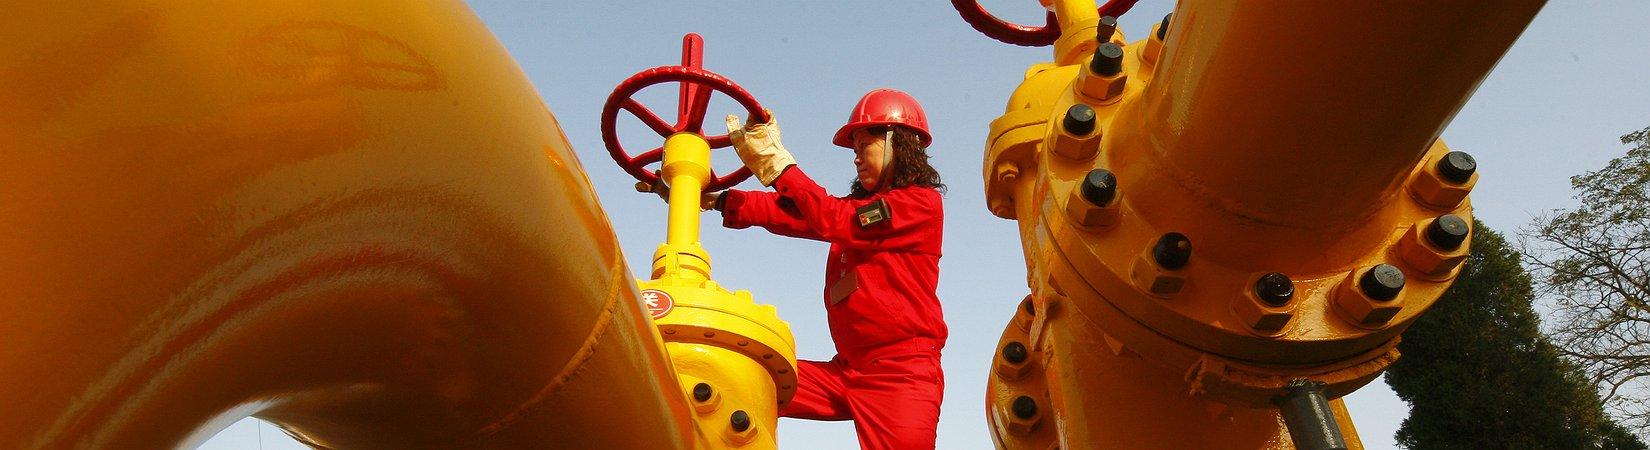 China National Petroleum suspendeu venda de combustível à Coreia do Norte